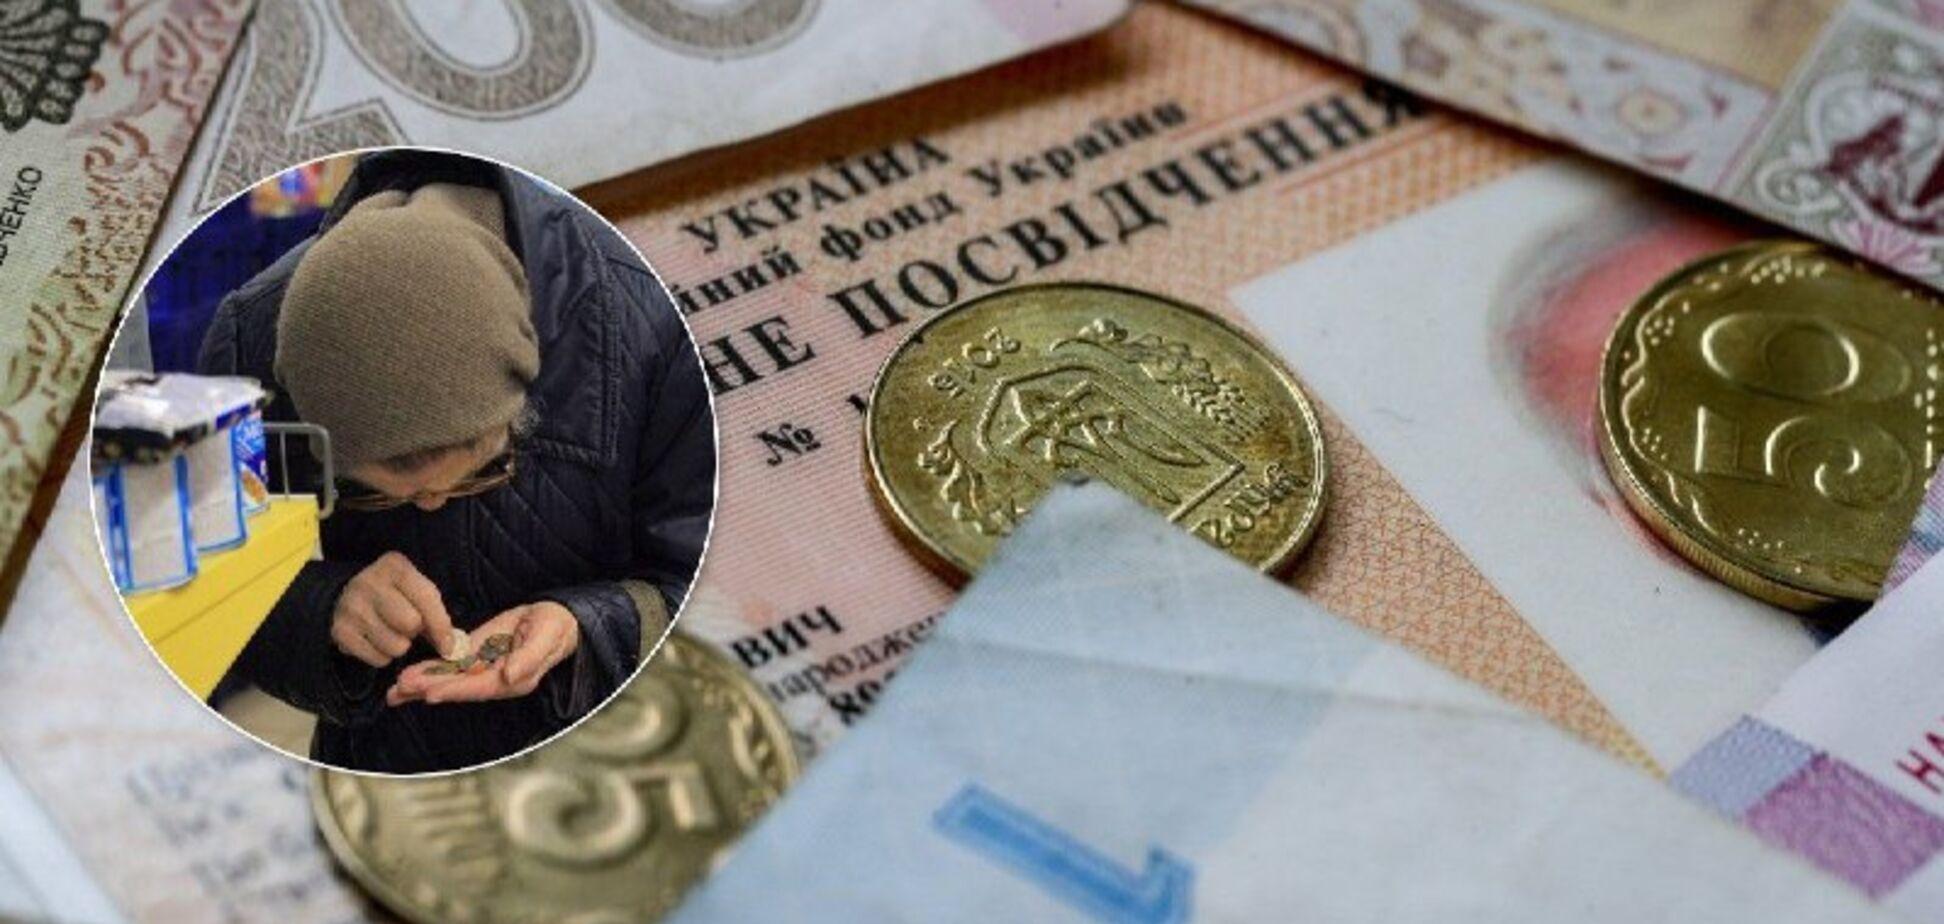 В пять раз меньше зарплаты: стало известно, какую пенсию получат украинцы со средним доходом